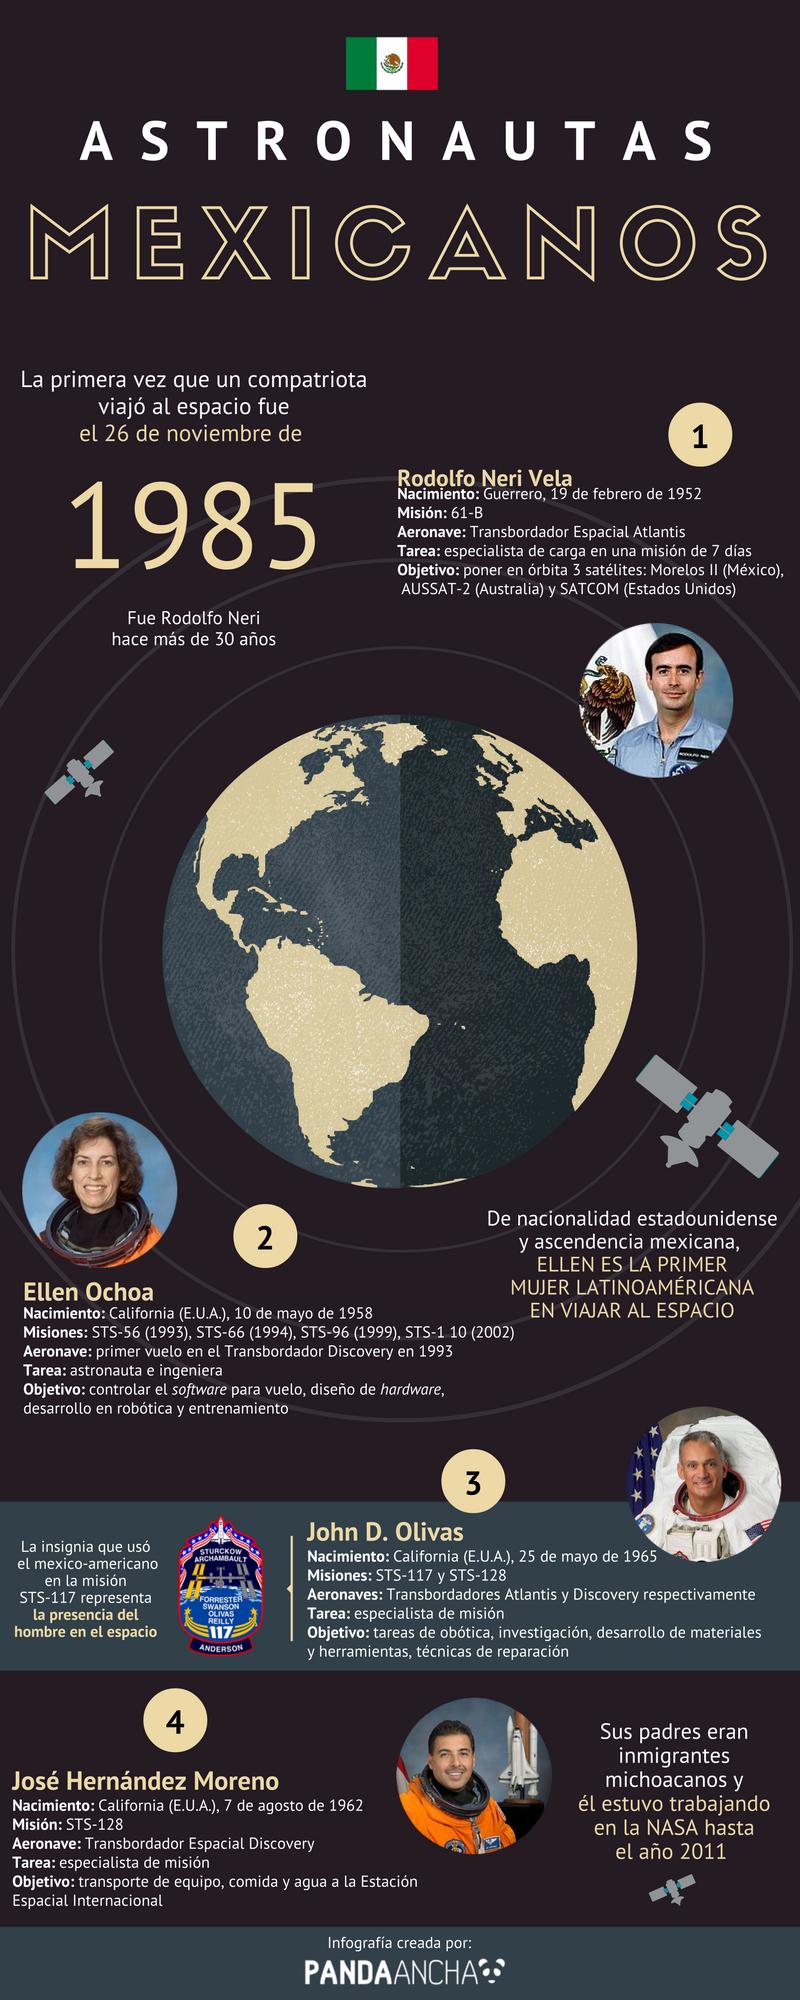 Infografía sobre astronautas mexicanos